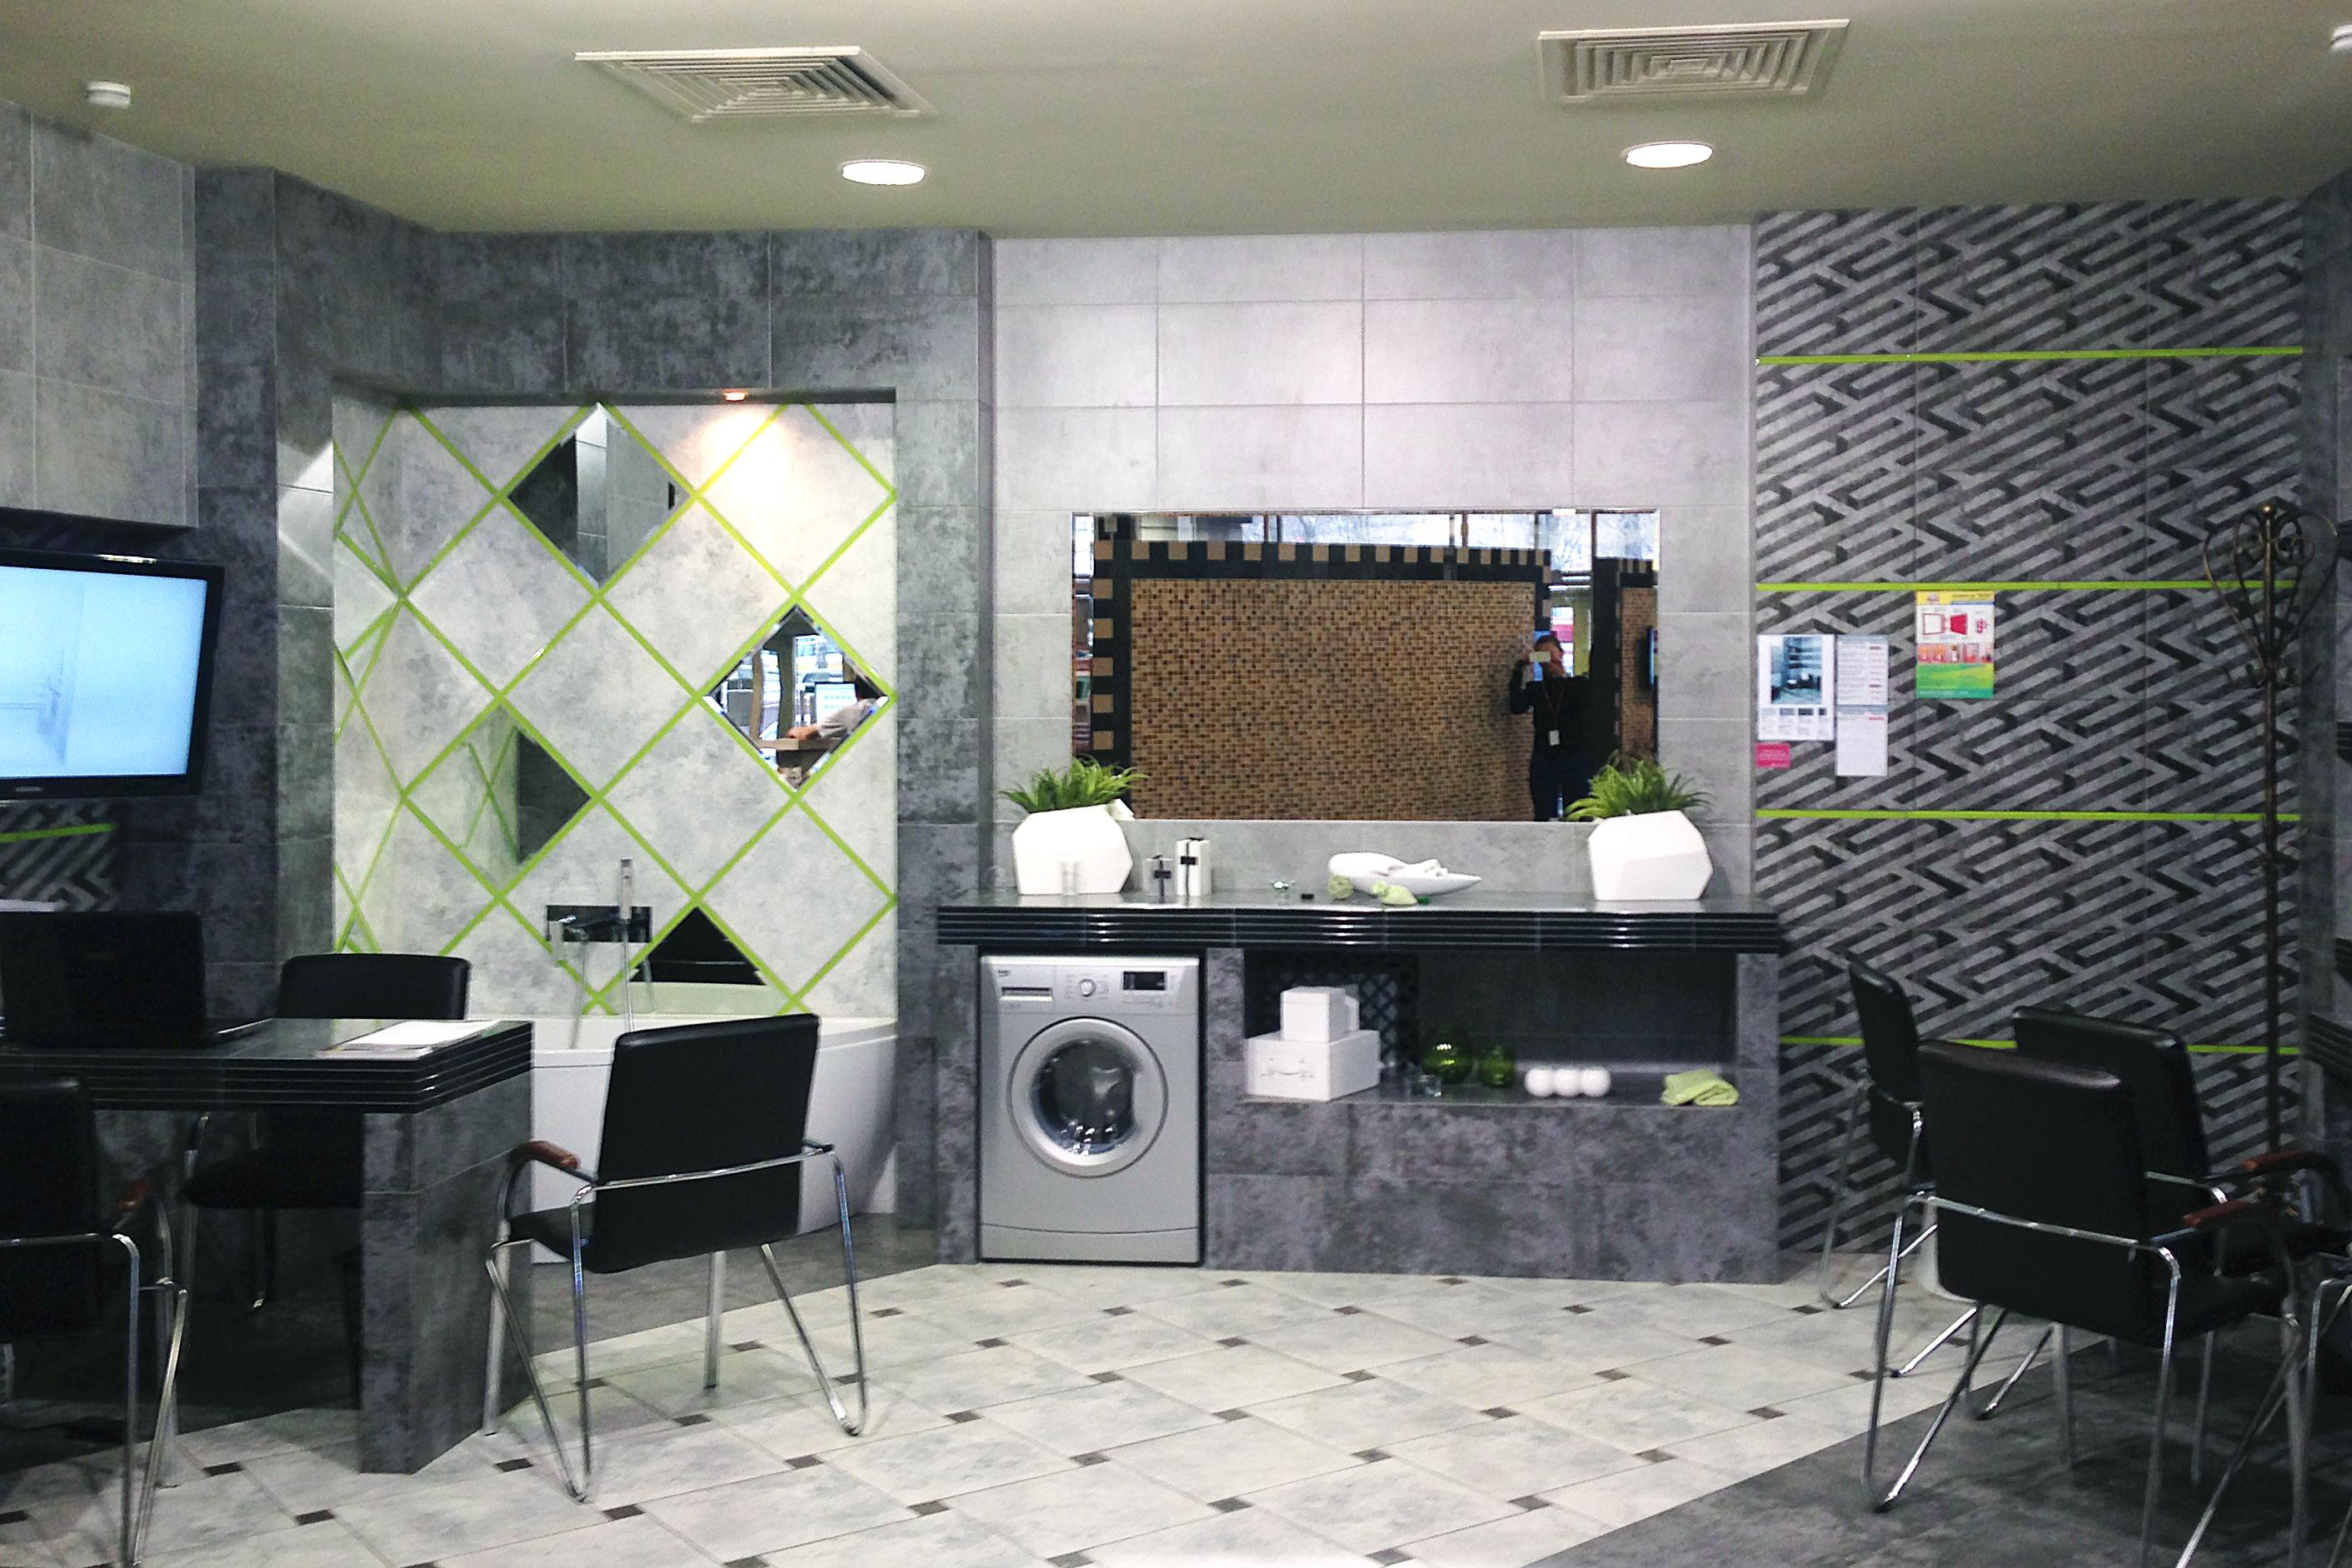 Плитка для ванной Керамическая плитка Нью-Йорк Керамин: цвет - темно-серый; размер плитки -  - Купить в интернет-магазине Мир Керамики